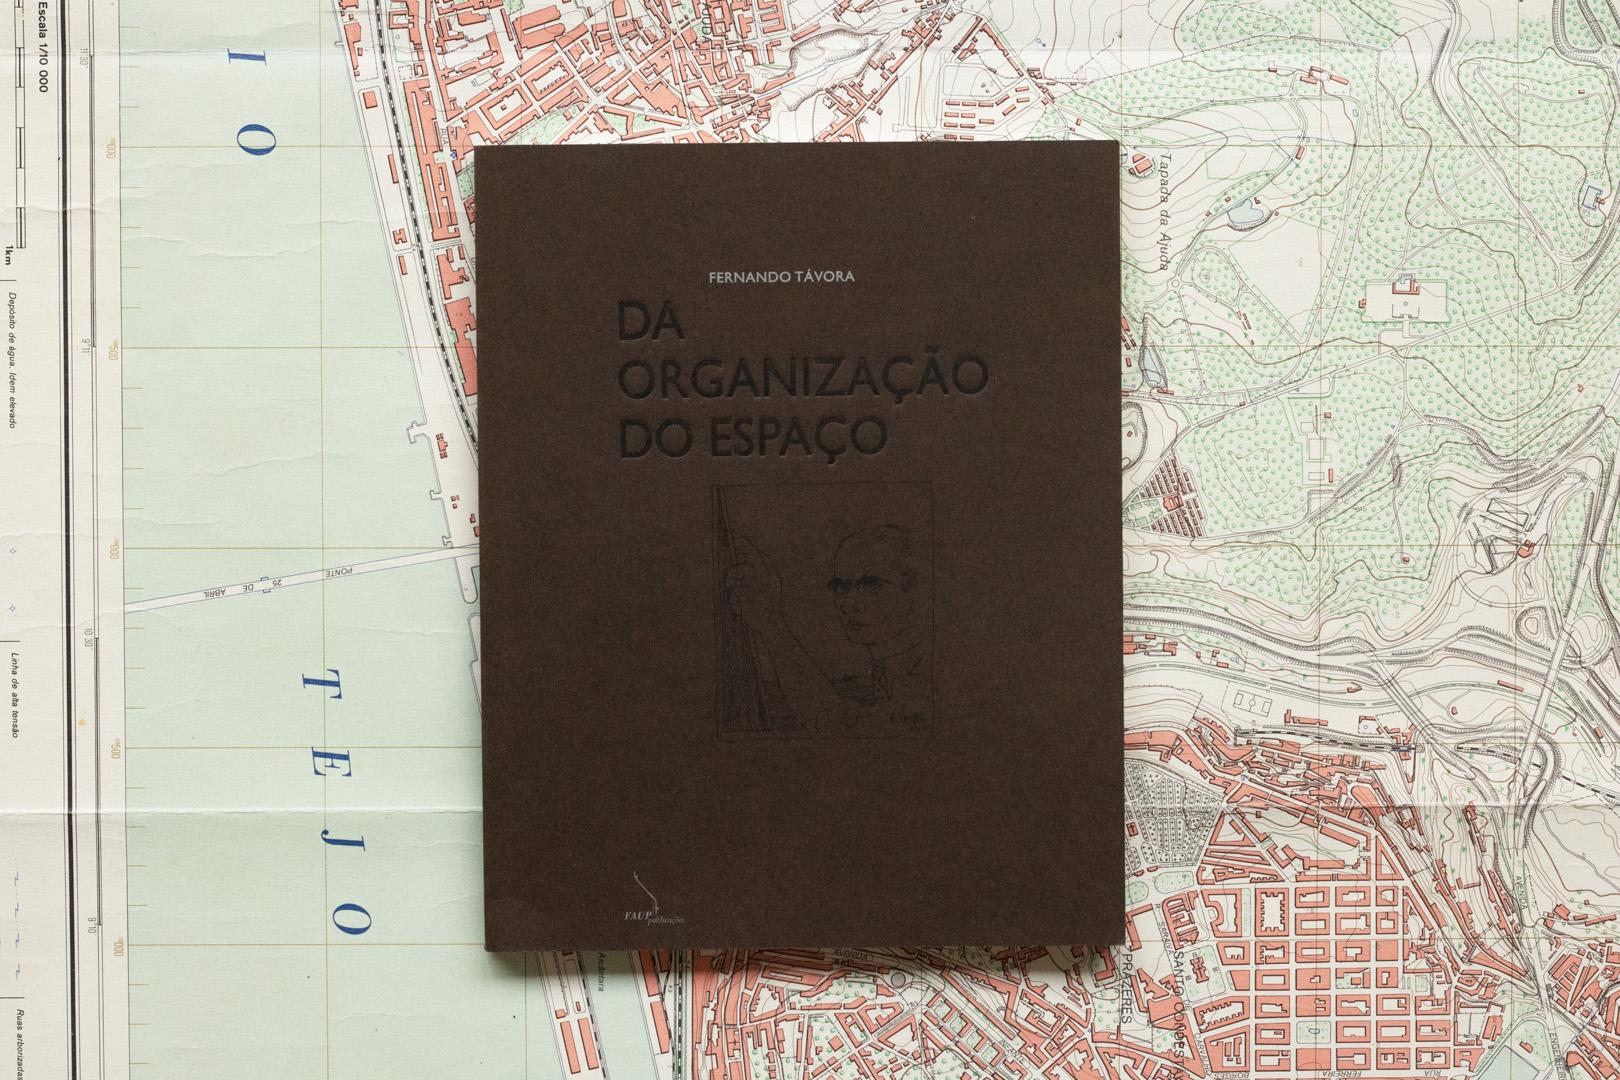 Da Organização do Espaço